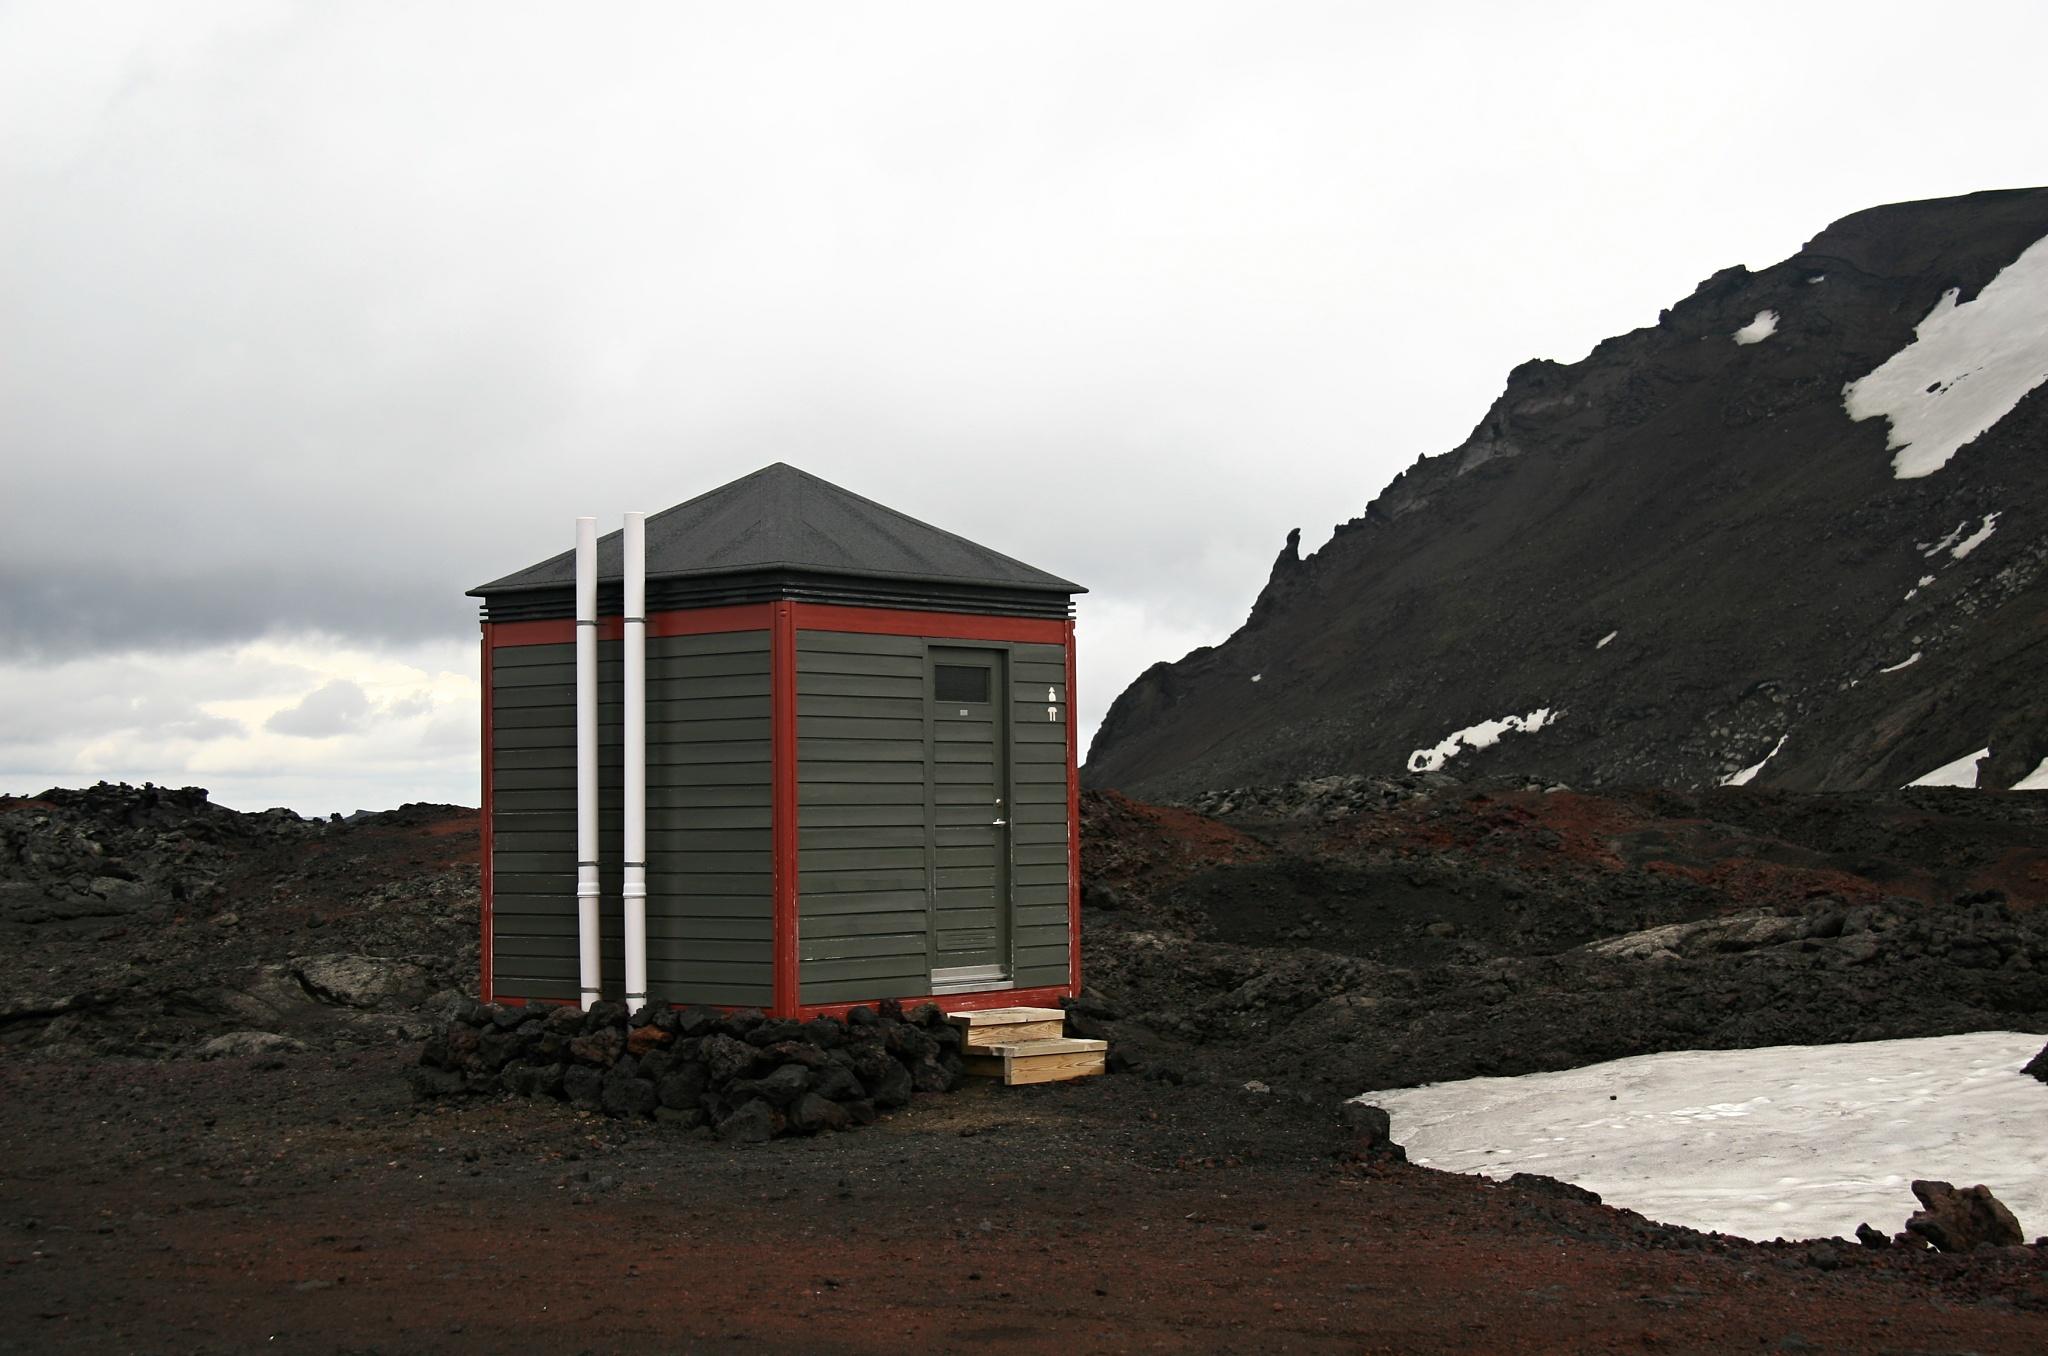 Veřejné toalety, z našeho pohledu bezesporu luxusní